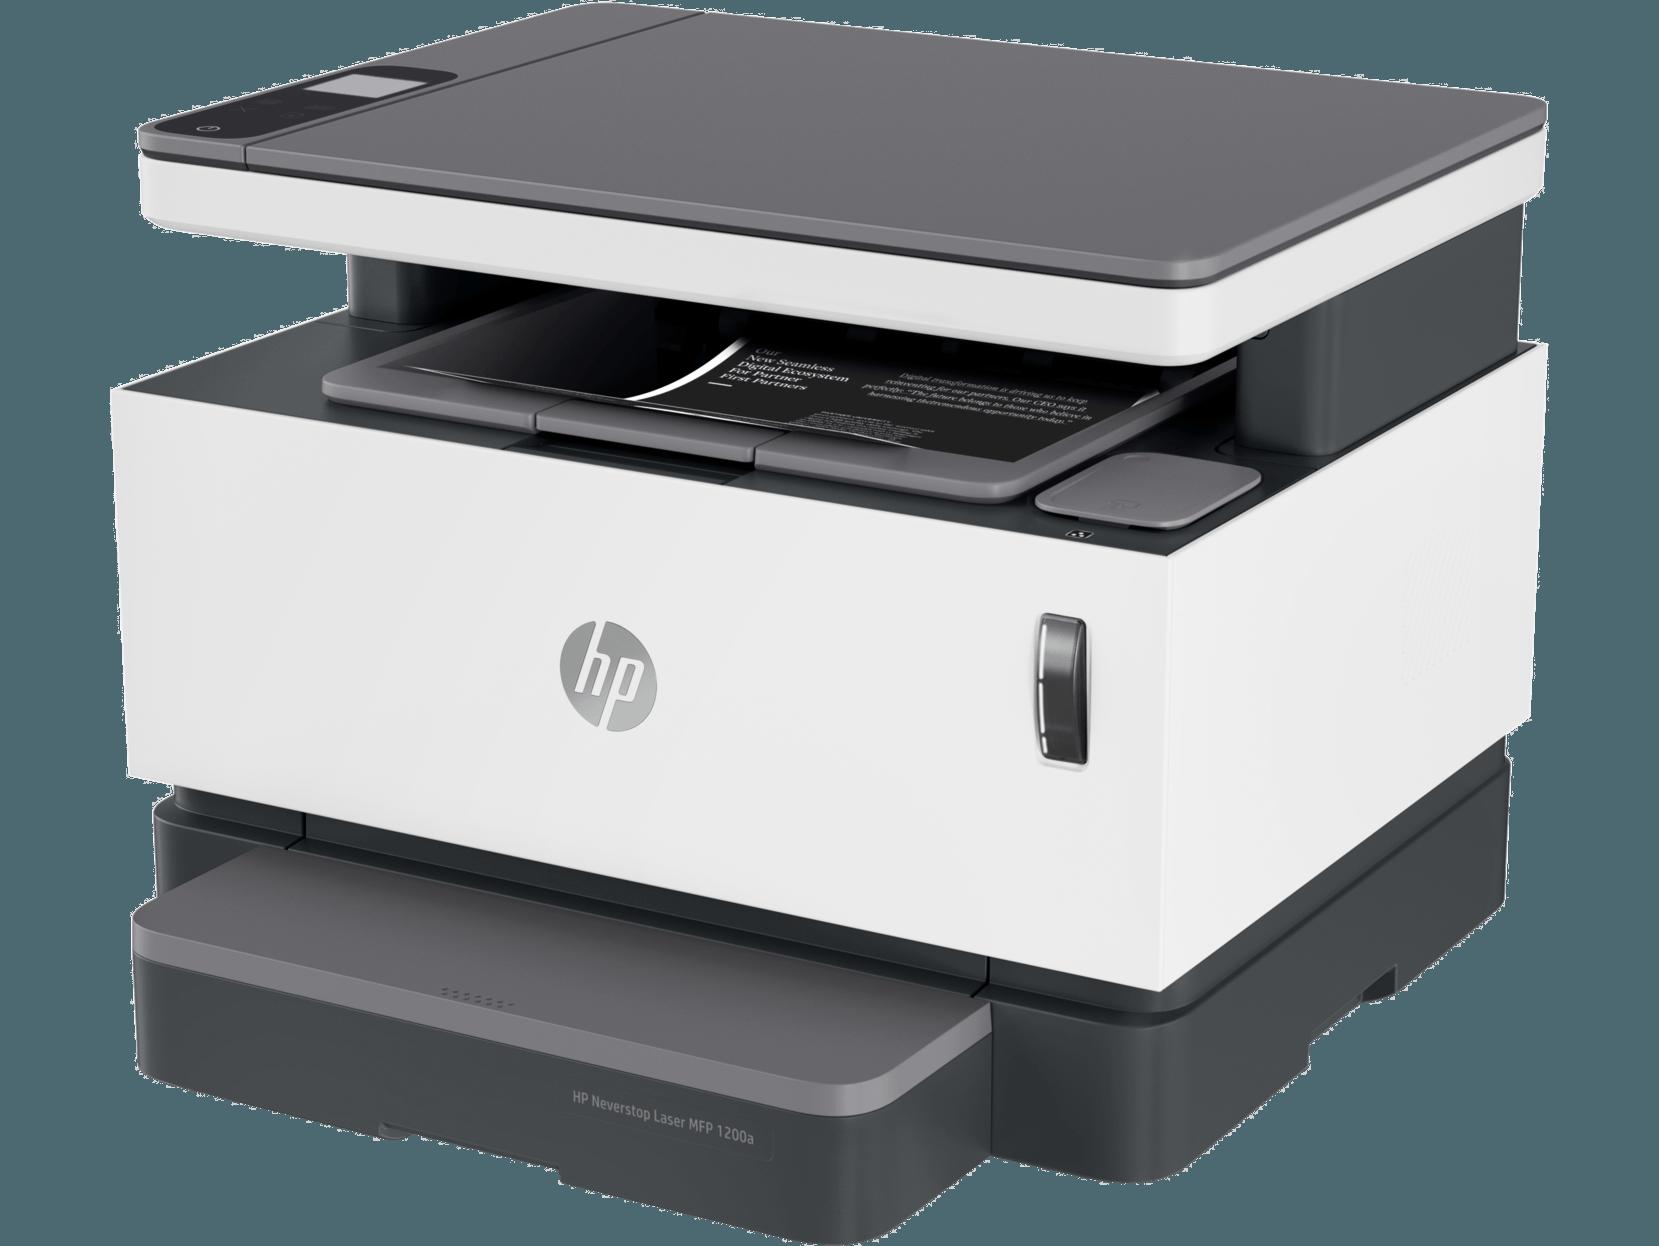 Máy in HP Neverstop Laser MFP 1200W(4QD26A) - Tặng kèm 01 hộp mực HP 103A